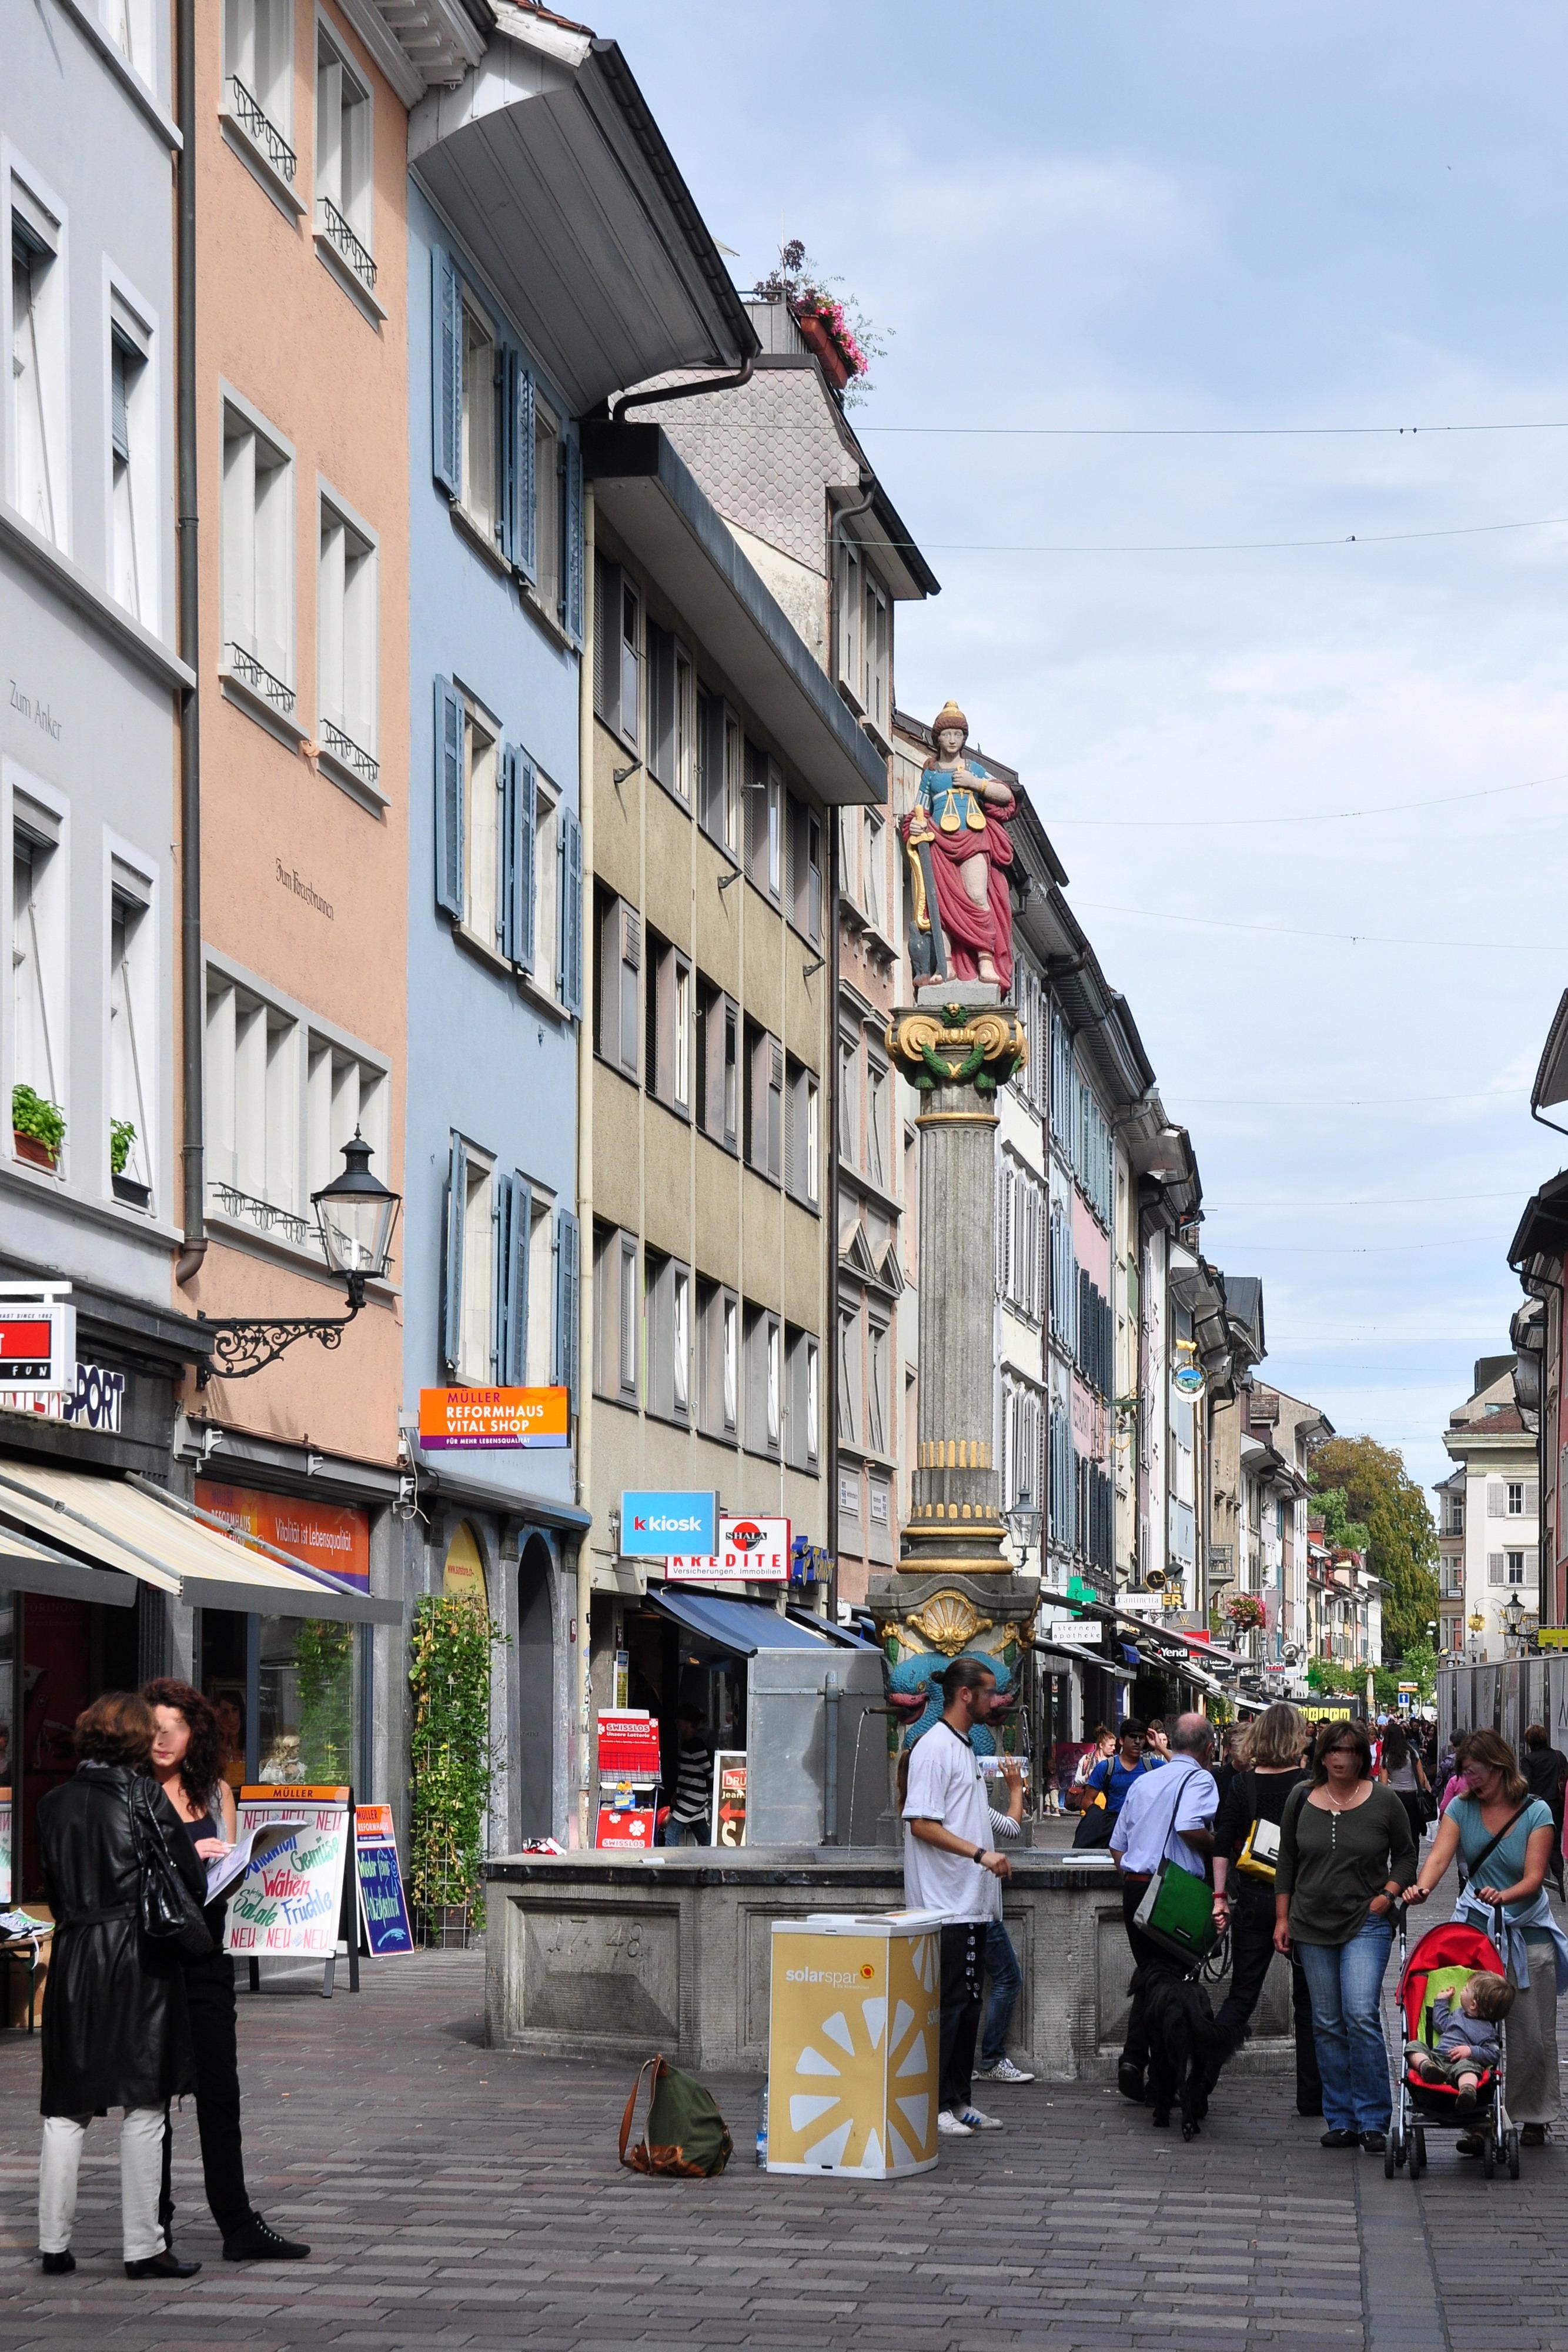 File:Altstadt, mittelalterliche-neuzeitliche Stadt ...